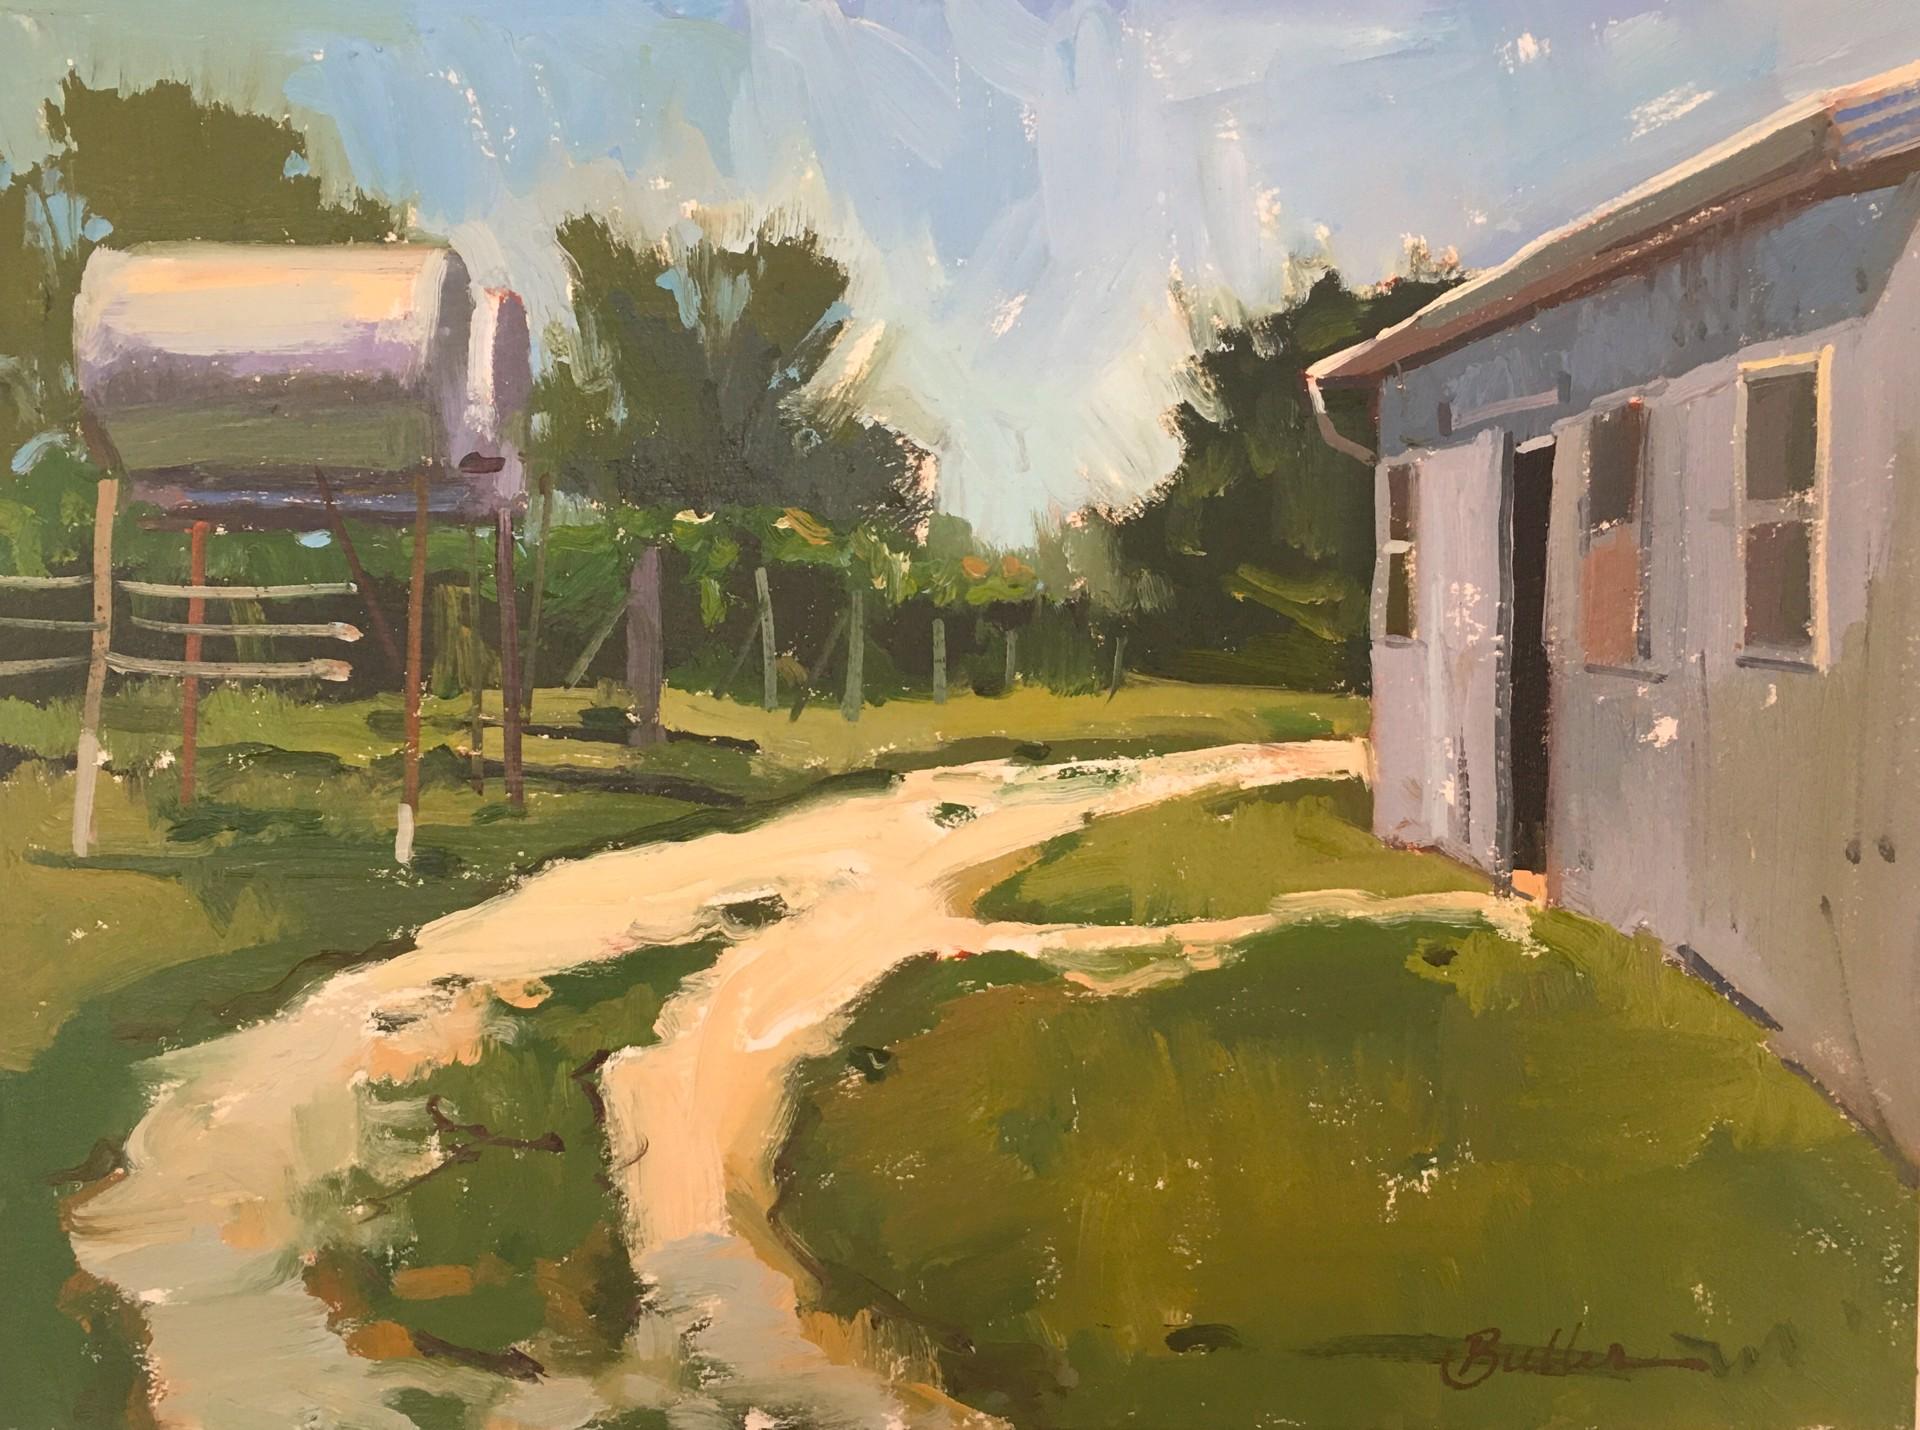 Day at the Vineyard by Samantha Buller